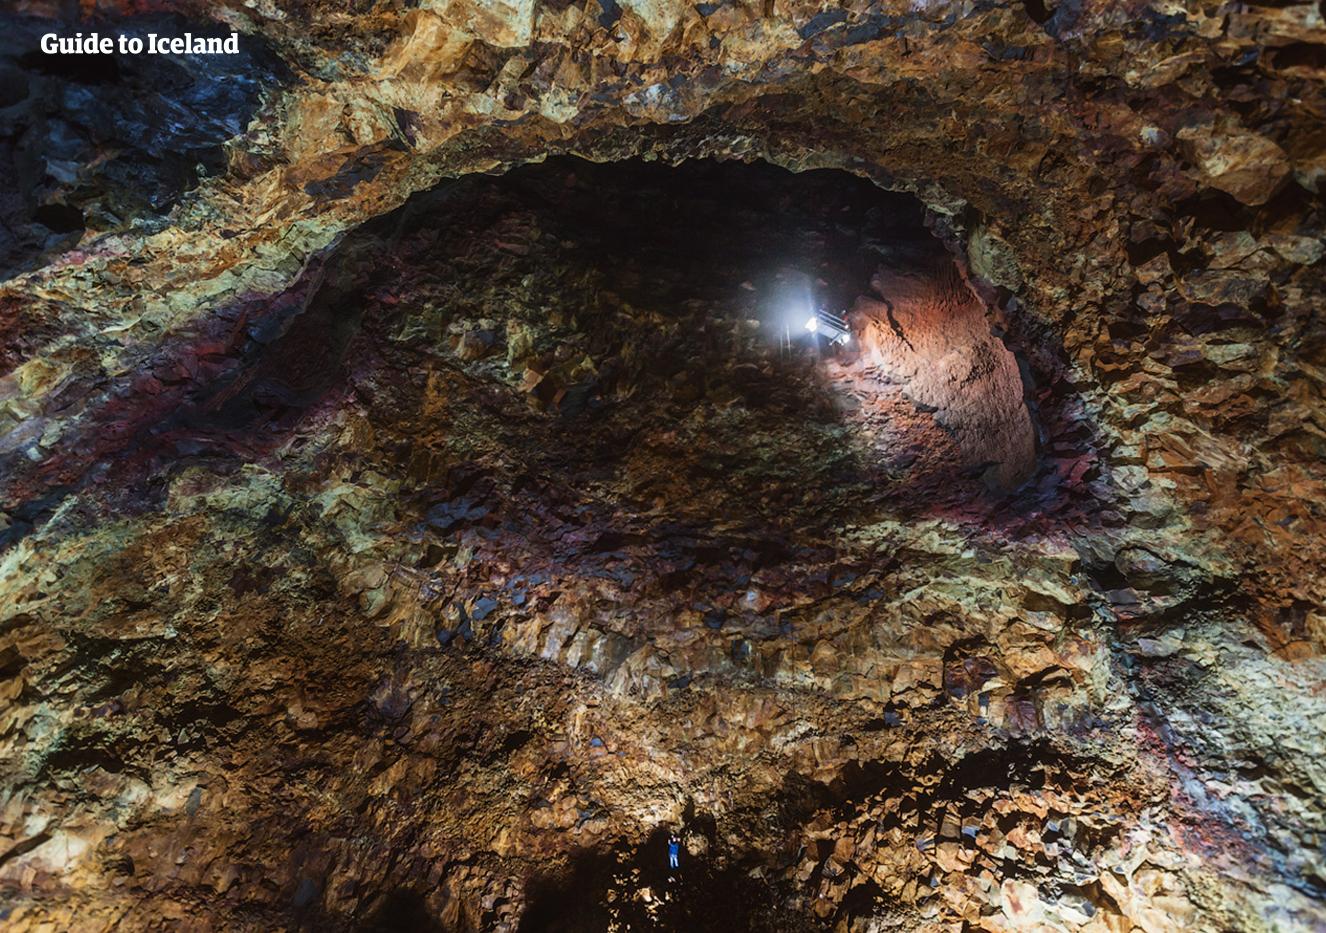 Los deslumbrantes colores dentro de la caldera volcánica, Þríhnúkagígur, desafían la imaginación con sus profundos tonos rojos, púrpuras y azulados.